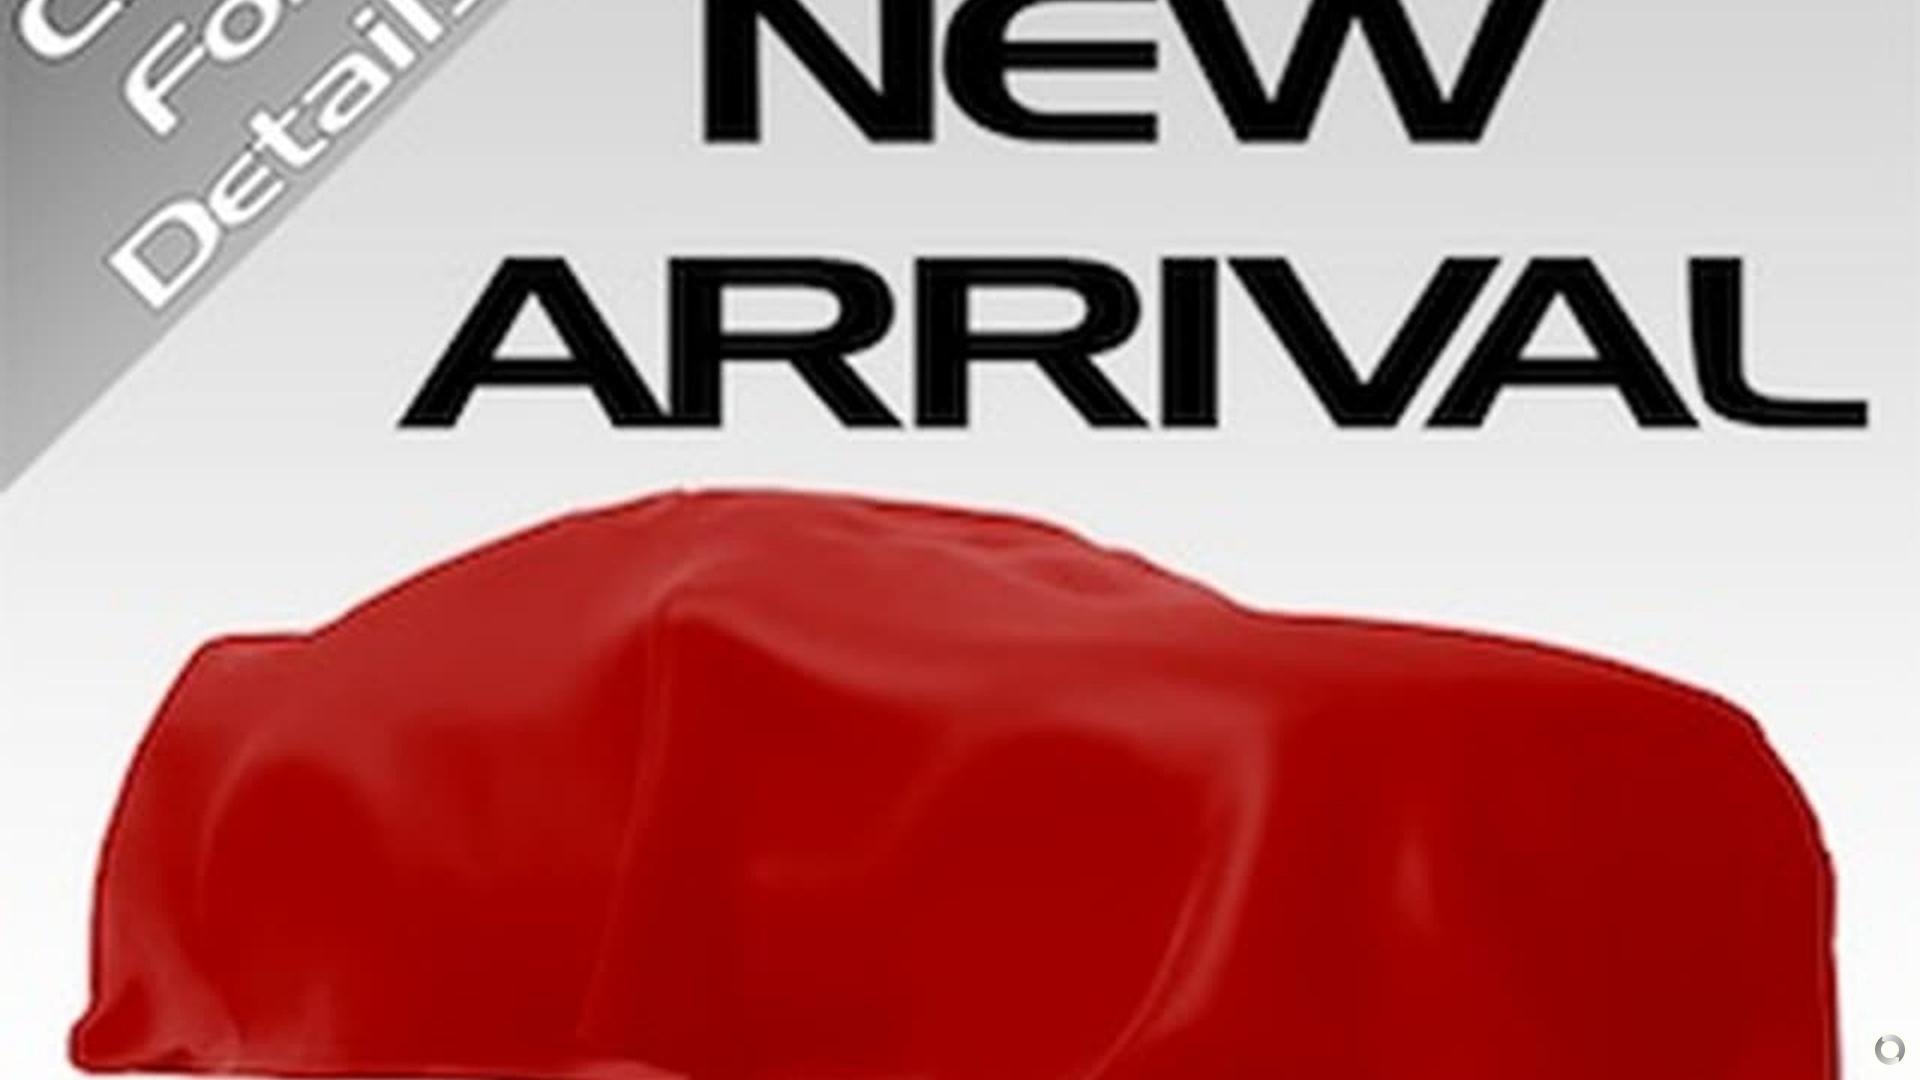 2014 Mitsubishi Pajero NX